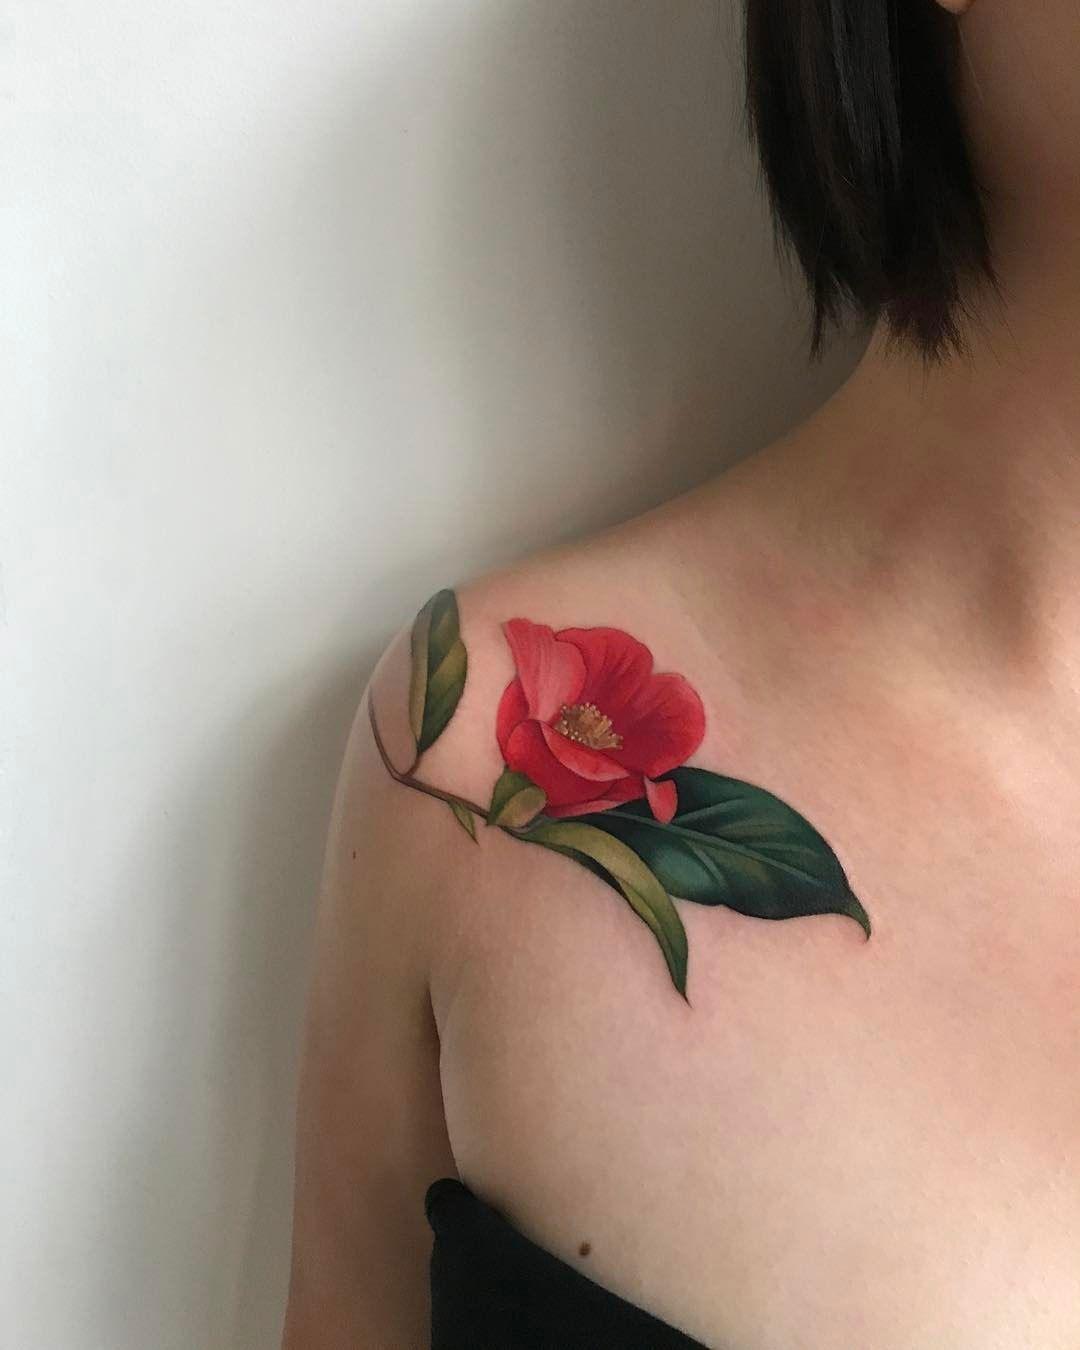 Camellia Flower Tattoo By Amanda Wachob Gorgeous Tattoos Flower Tattoo Floral Tattoo